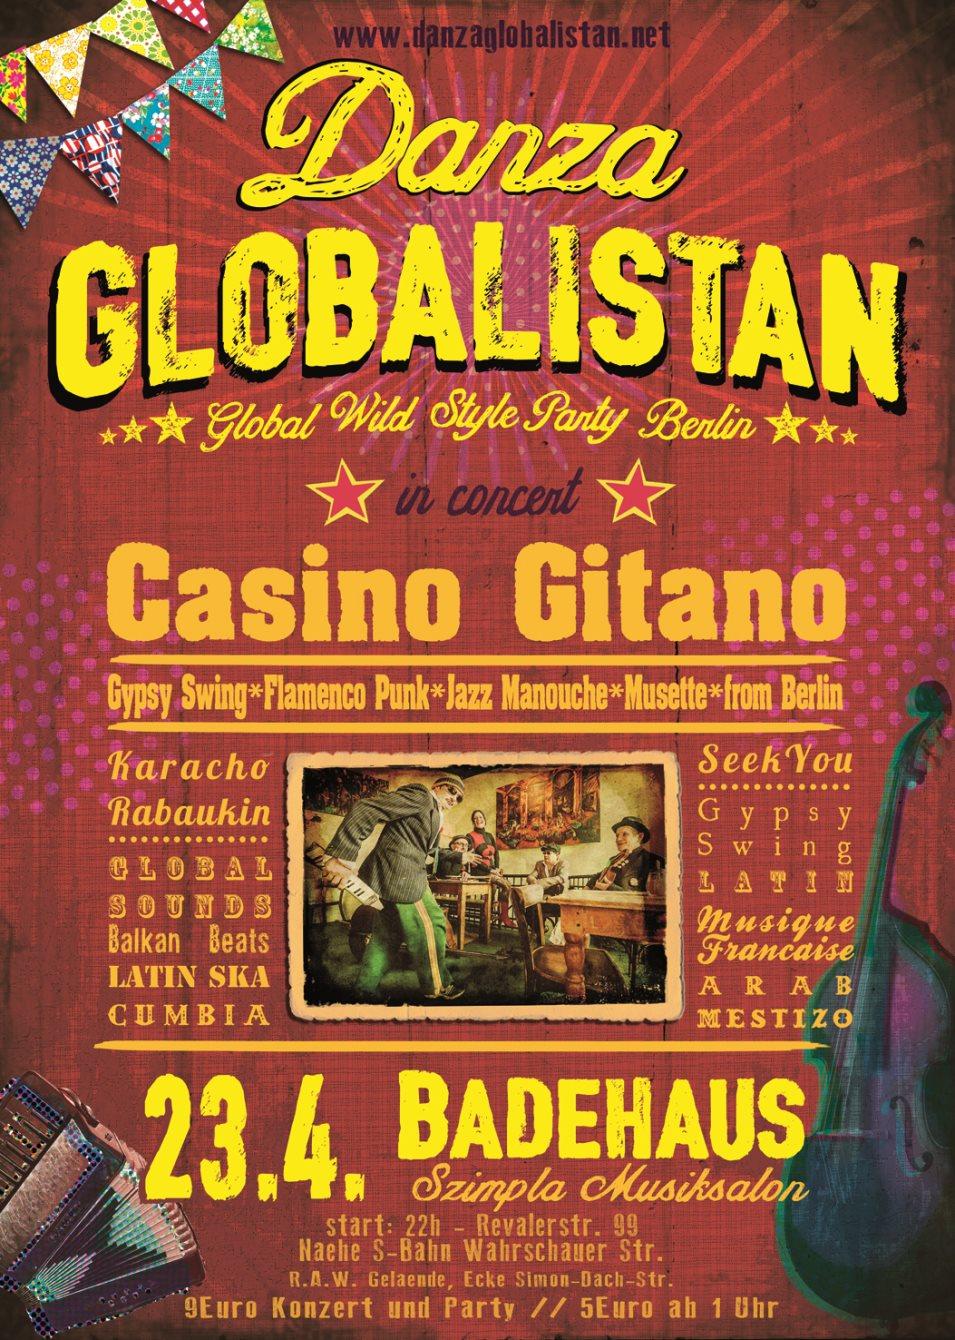 Casino gitano konzertdaten chinese gambling game fan tan